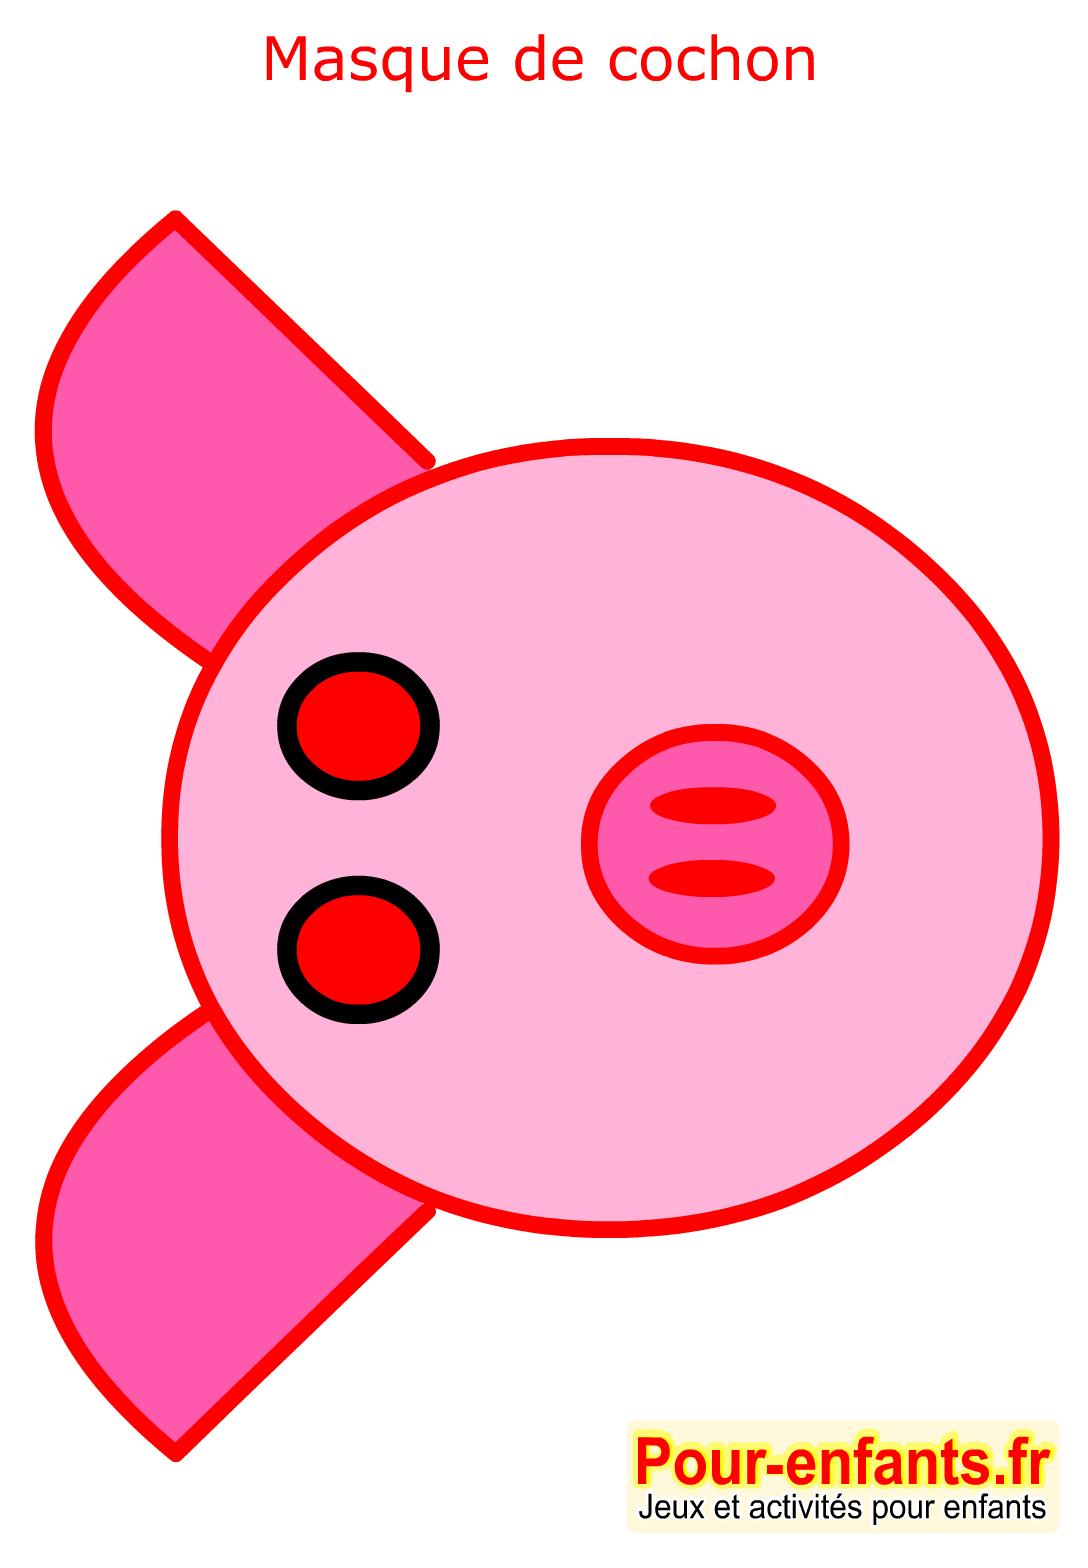 Masque de carnaval imprimer cochon enfant faire masques - Image de cochon a imprimer ...